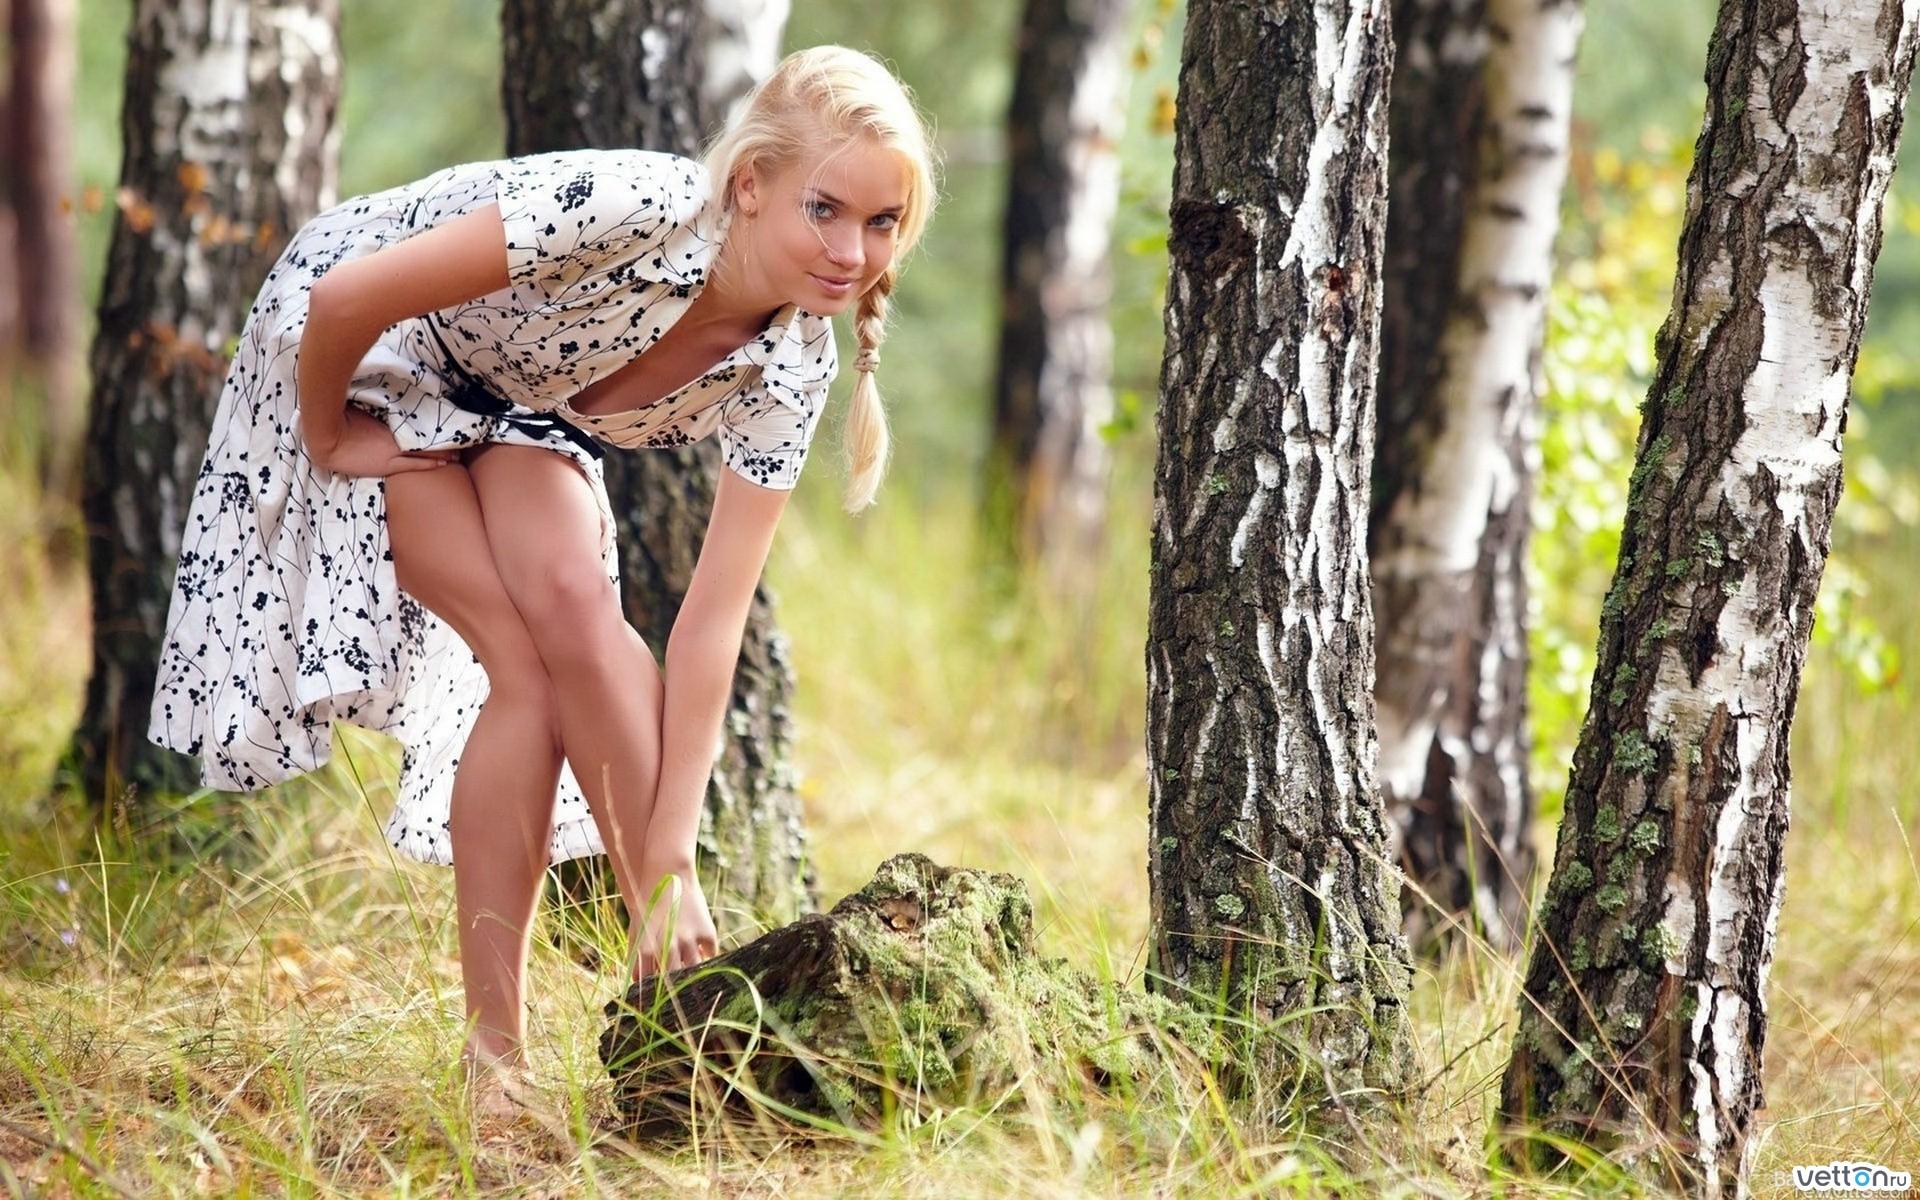 Частные фото девушек высокое качество 23 фотография